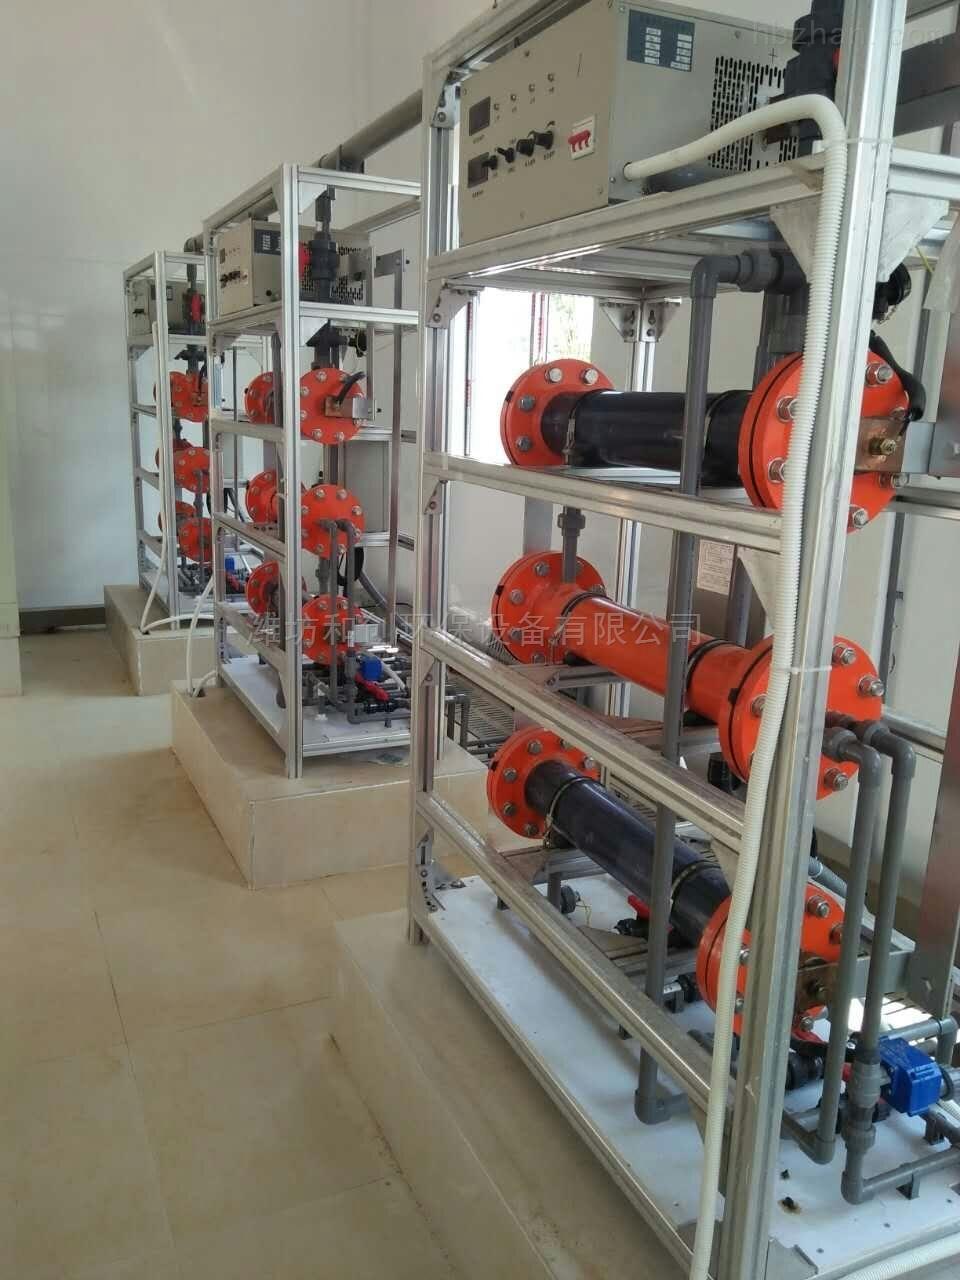 电解盐水次氯酸钠发生器控制器设备